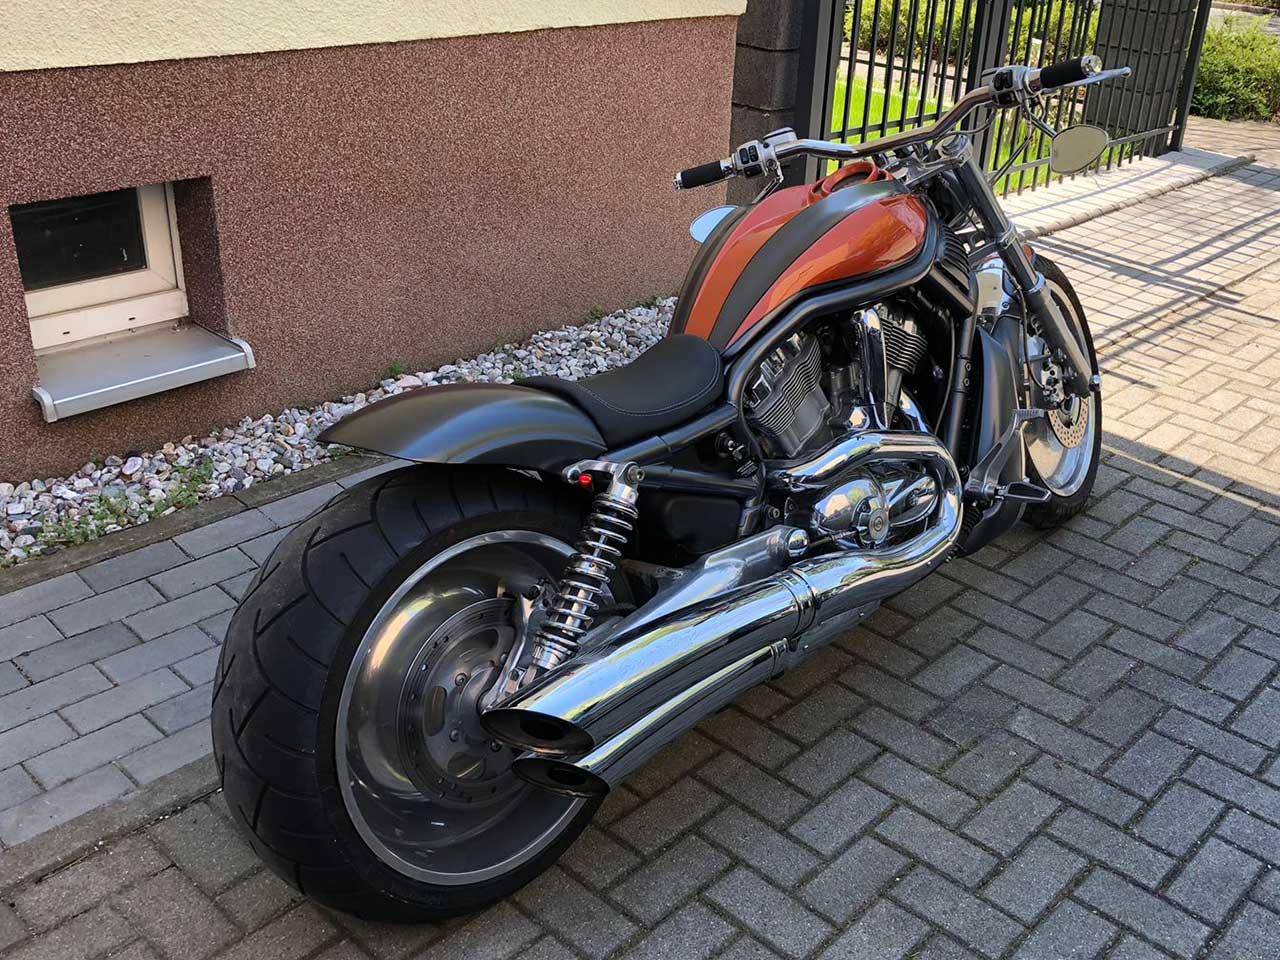 Motorrad Lackieren Kosten : motorradlackierung autolack design ~ A.2002-acura-tl-radio.info Haus und Dekorationen